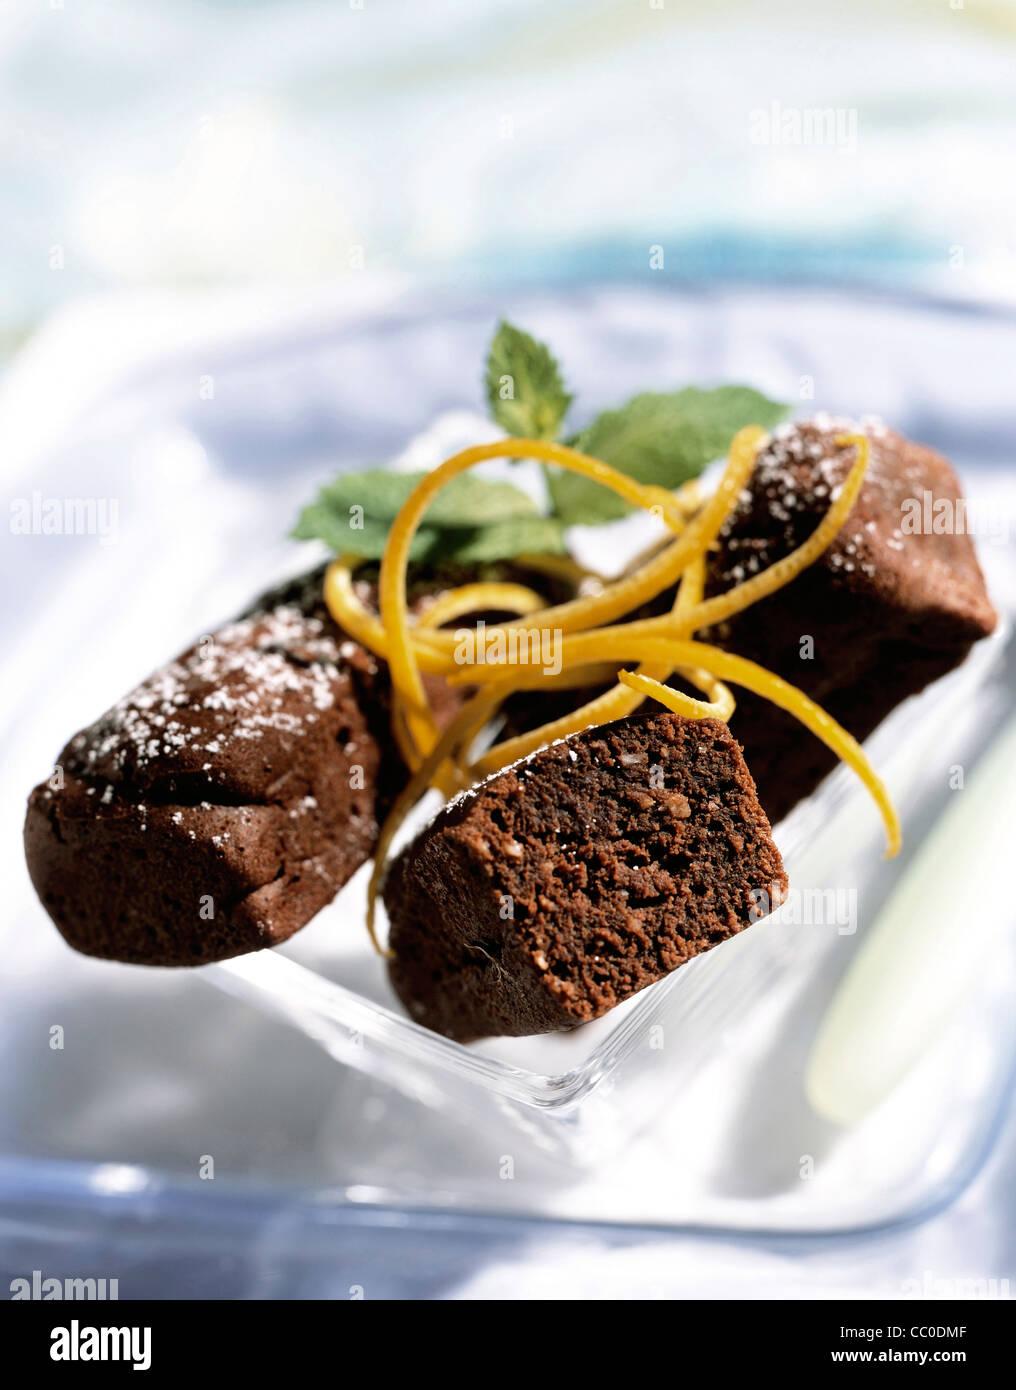 Orange flavored brownies - Stock Image